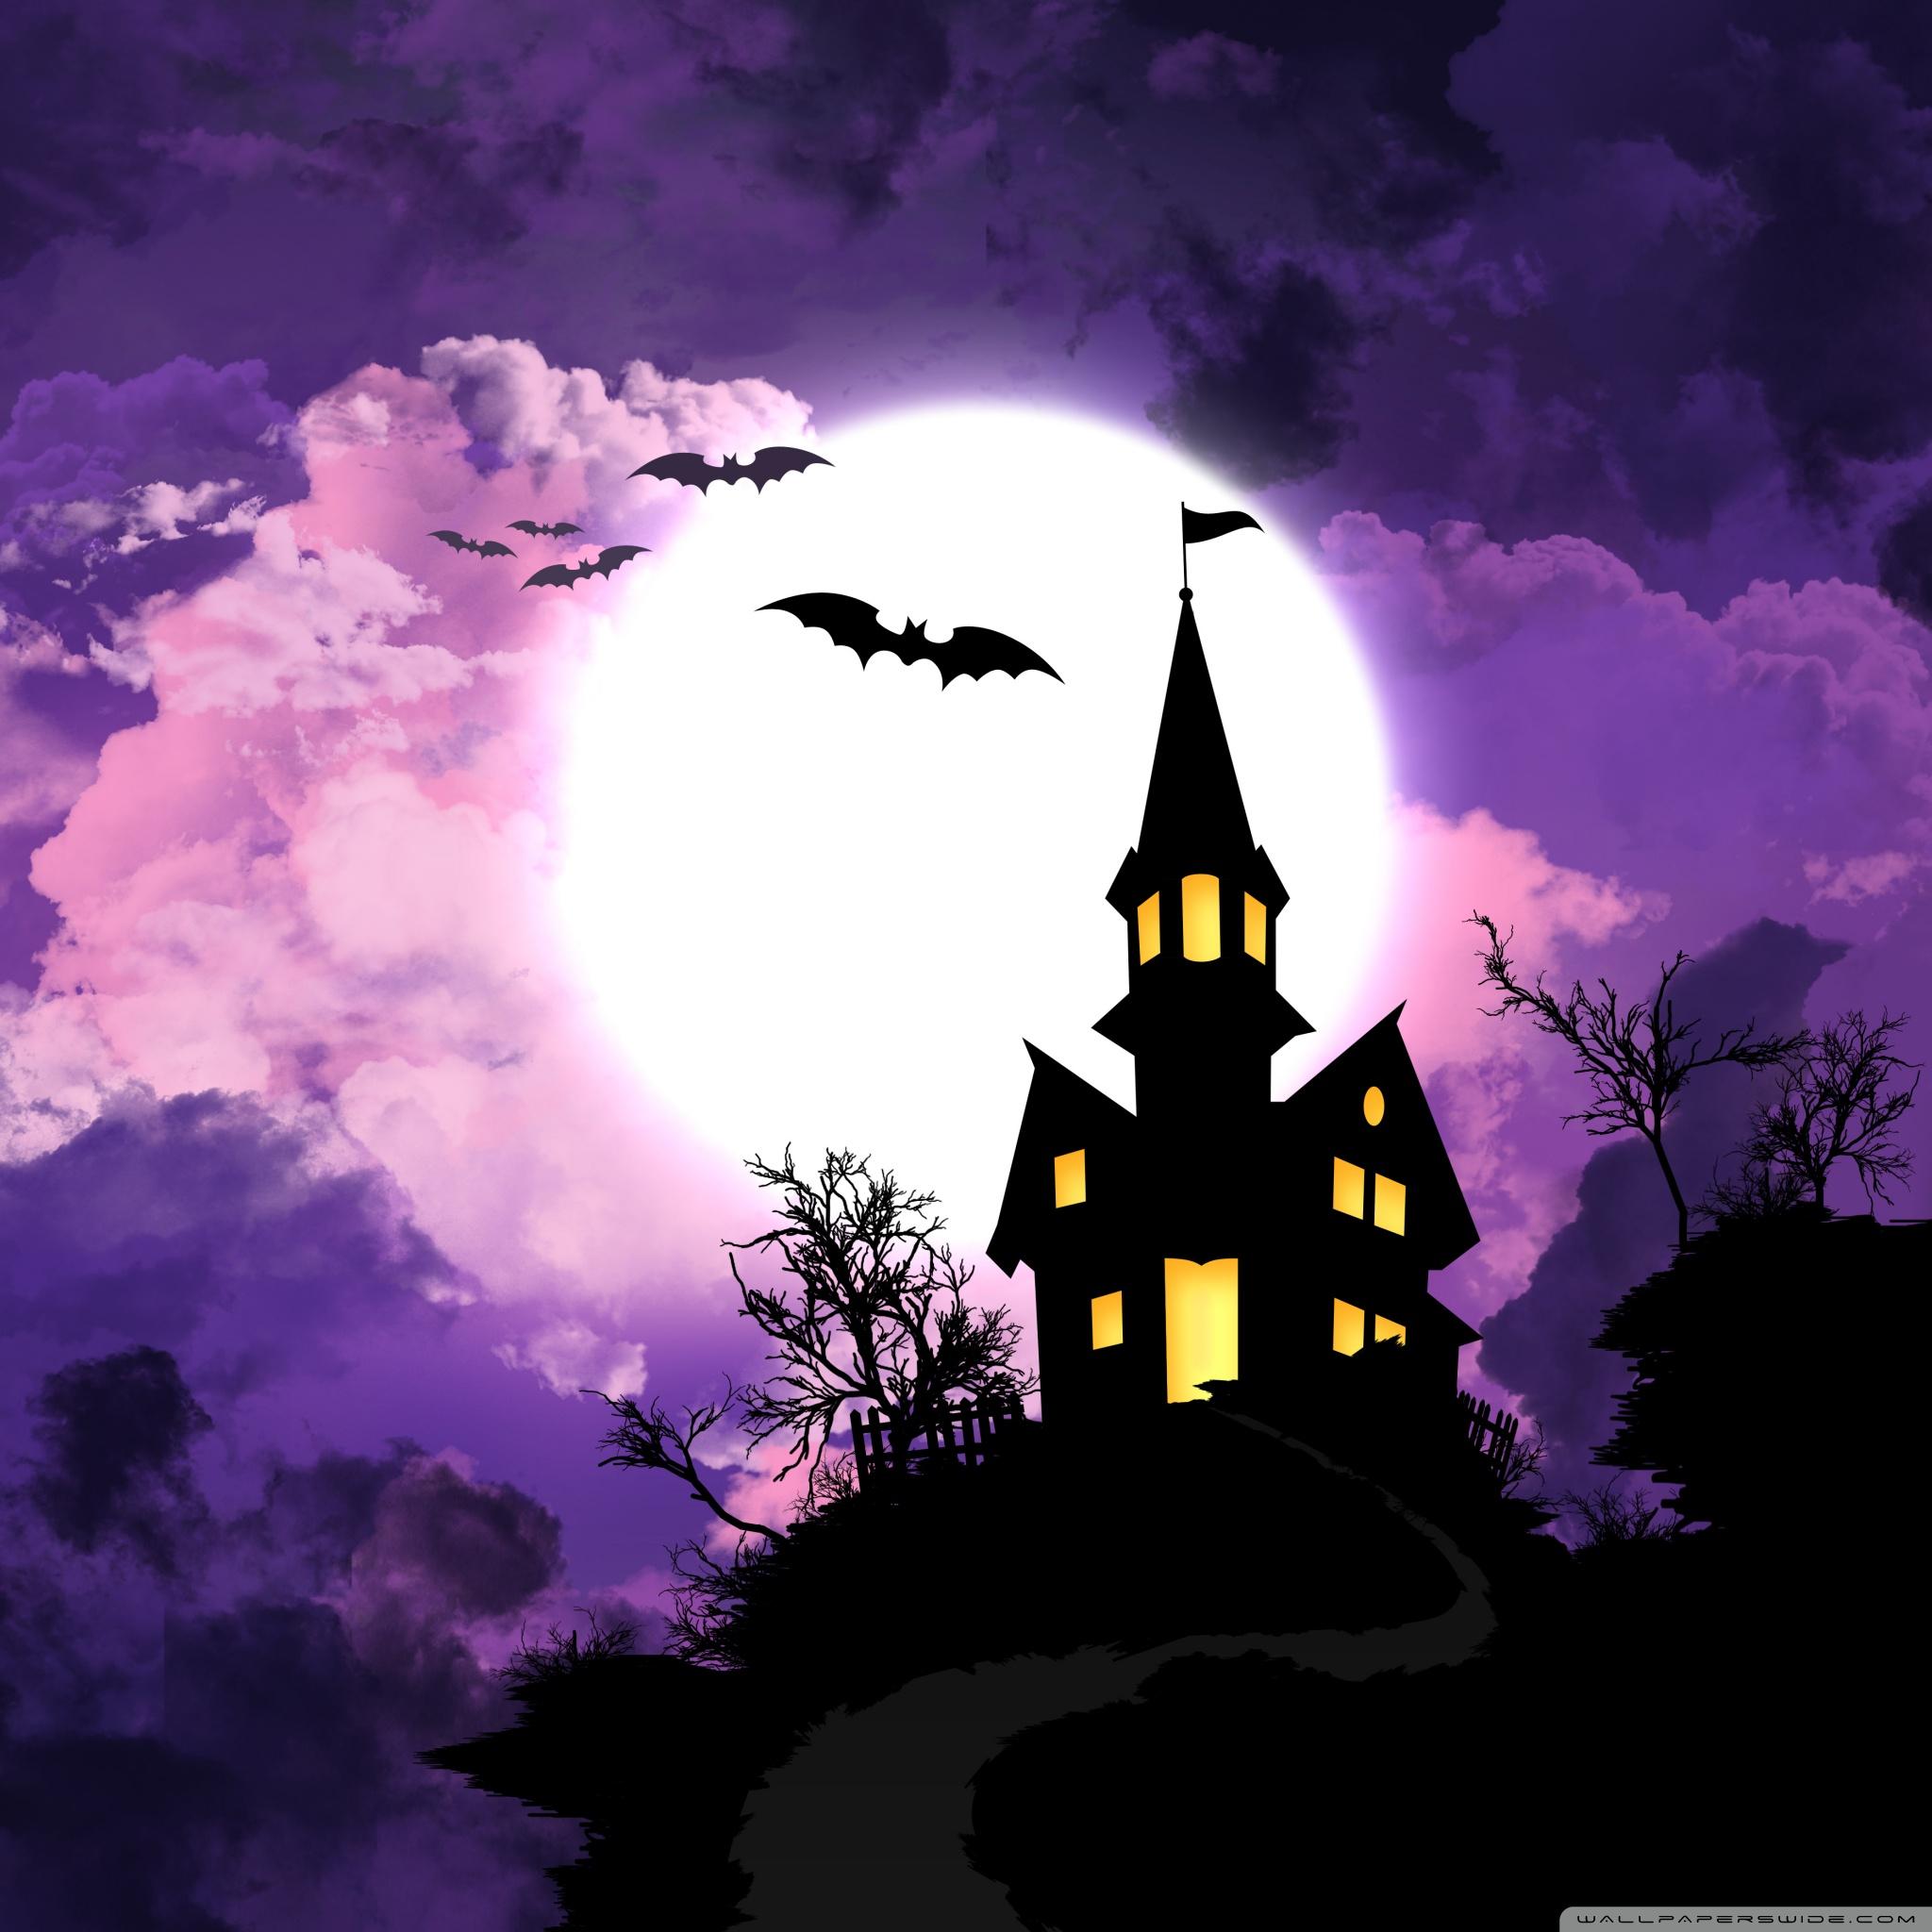 halloween-4k-hd-desktop-wallpaper-for-ultra-tv-5af6aed2d1f52.jpg